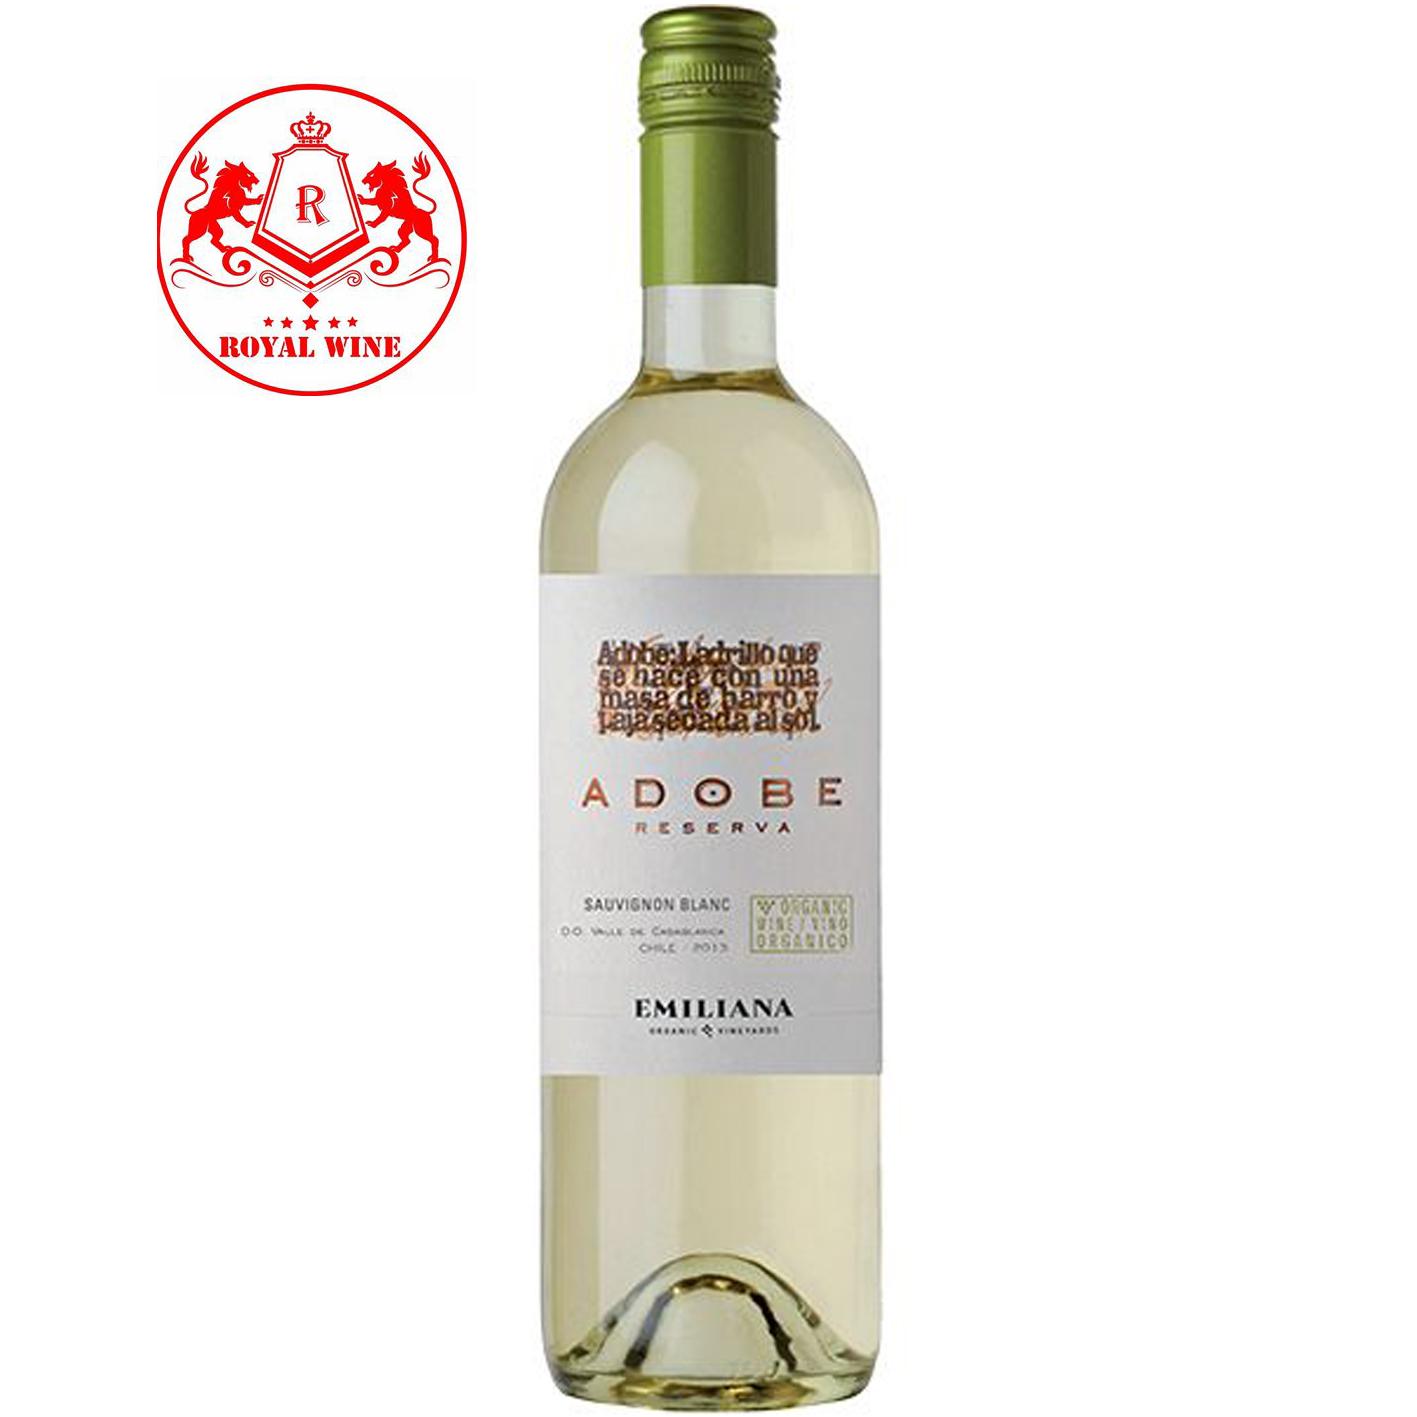 ADOBE Reserva Sauvignon Blanc